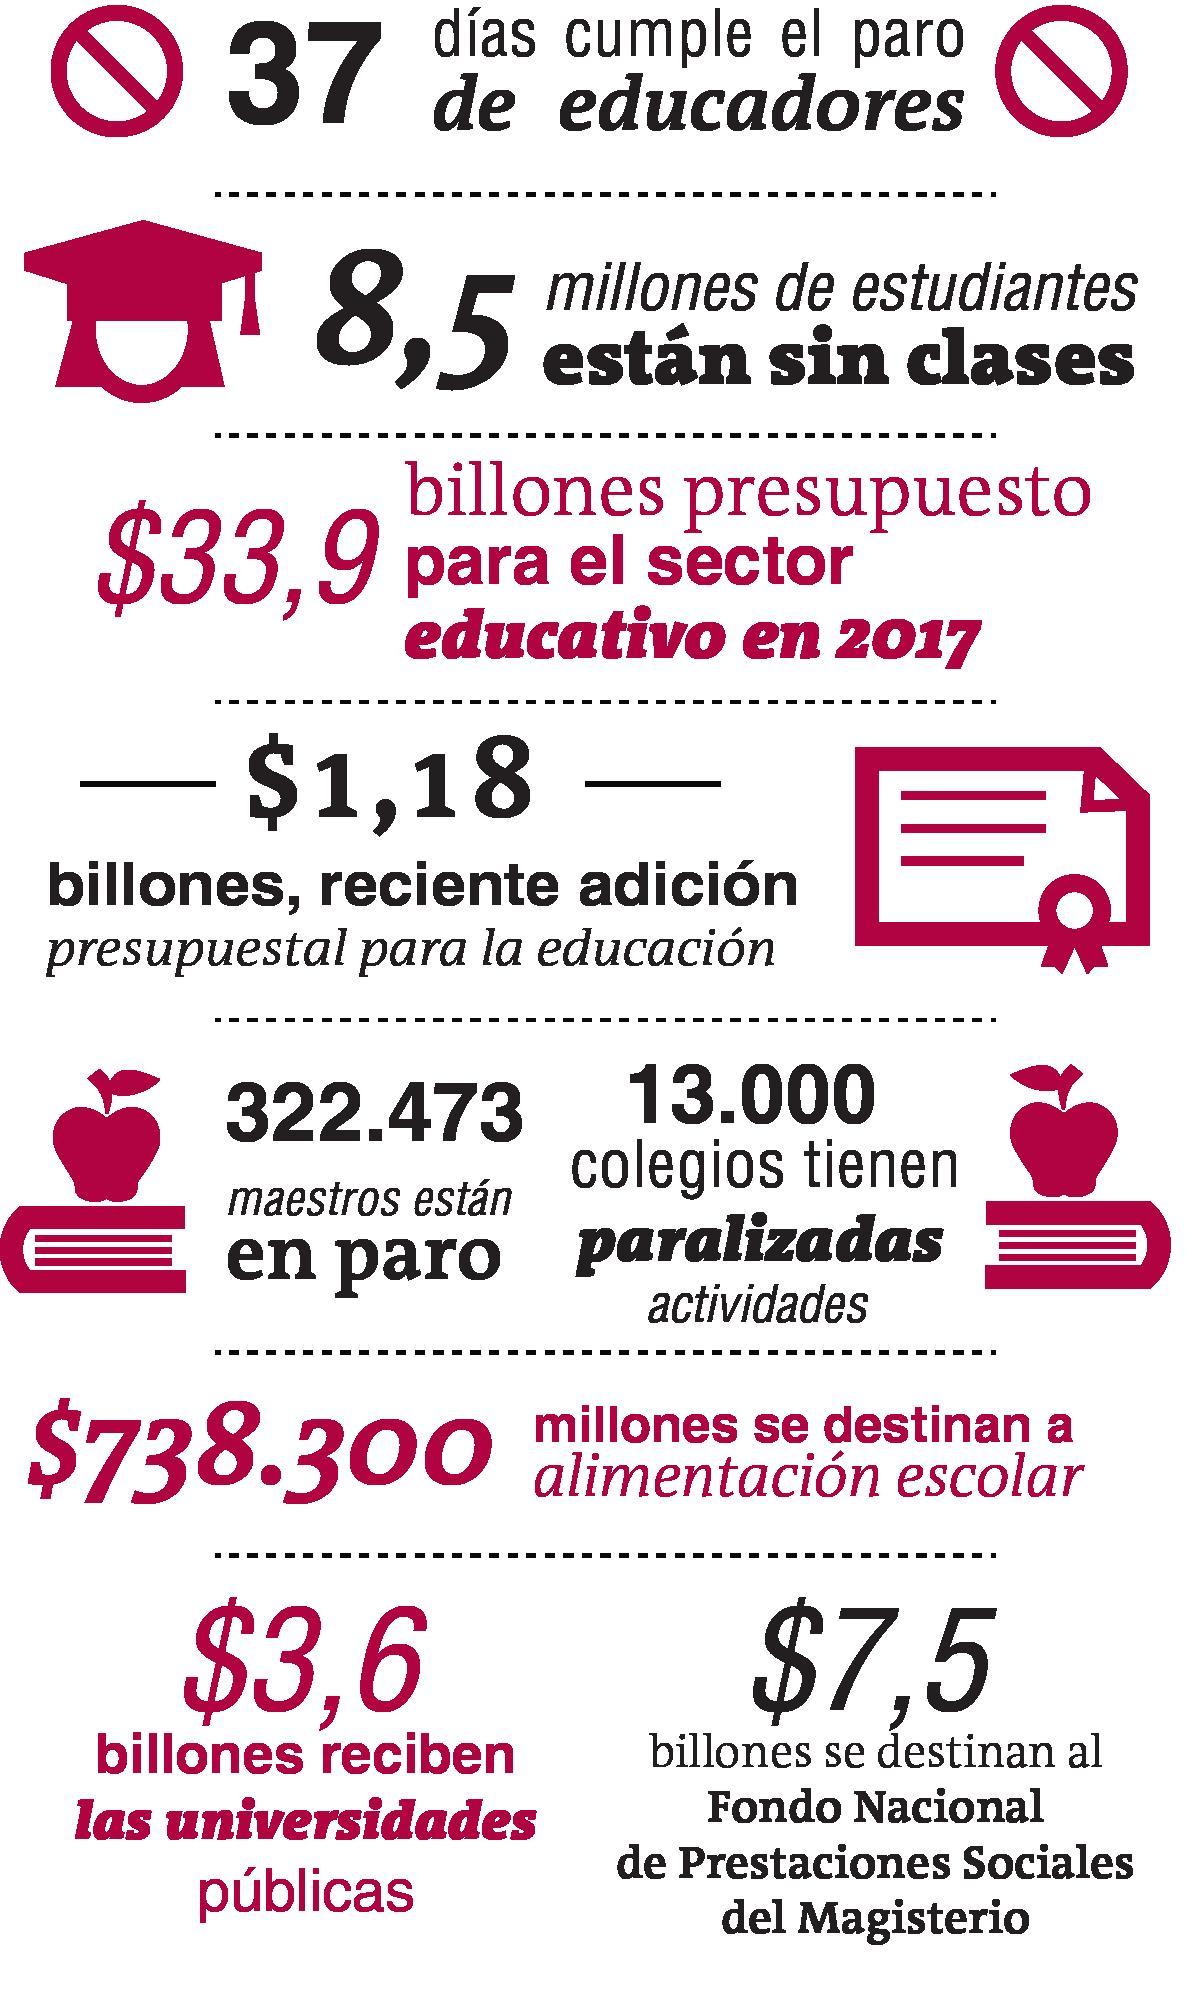 Los efectos económicos del paro de maestros en Colombia